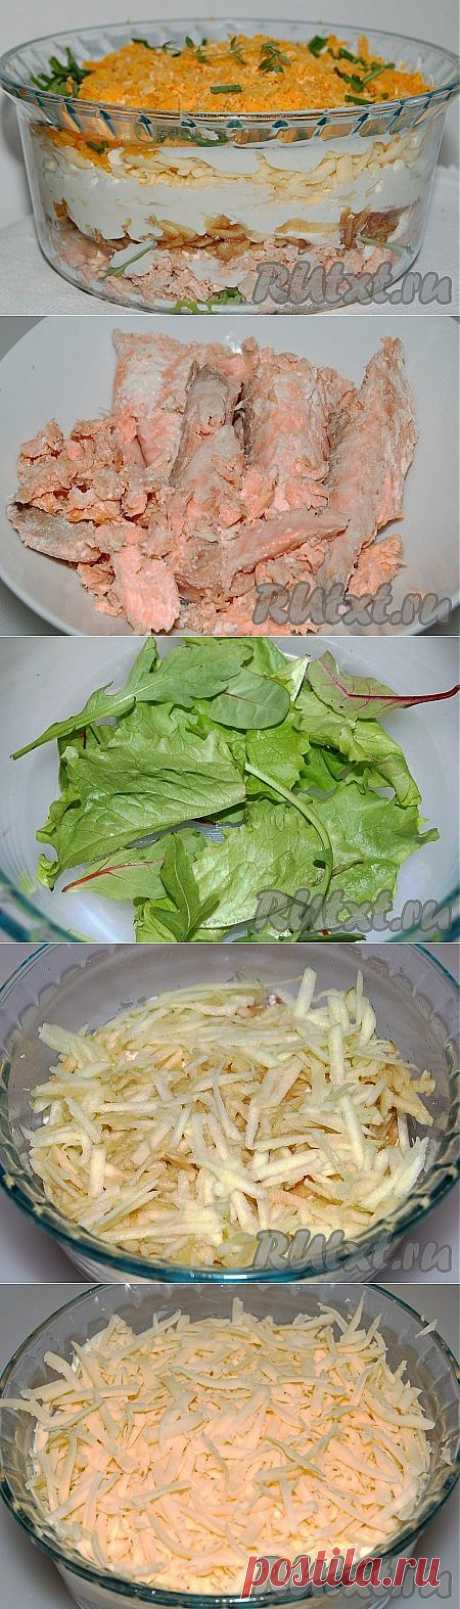 Рецепт салата министерского (рецепт с фото) | RUtxt.ru